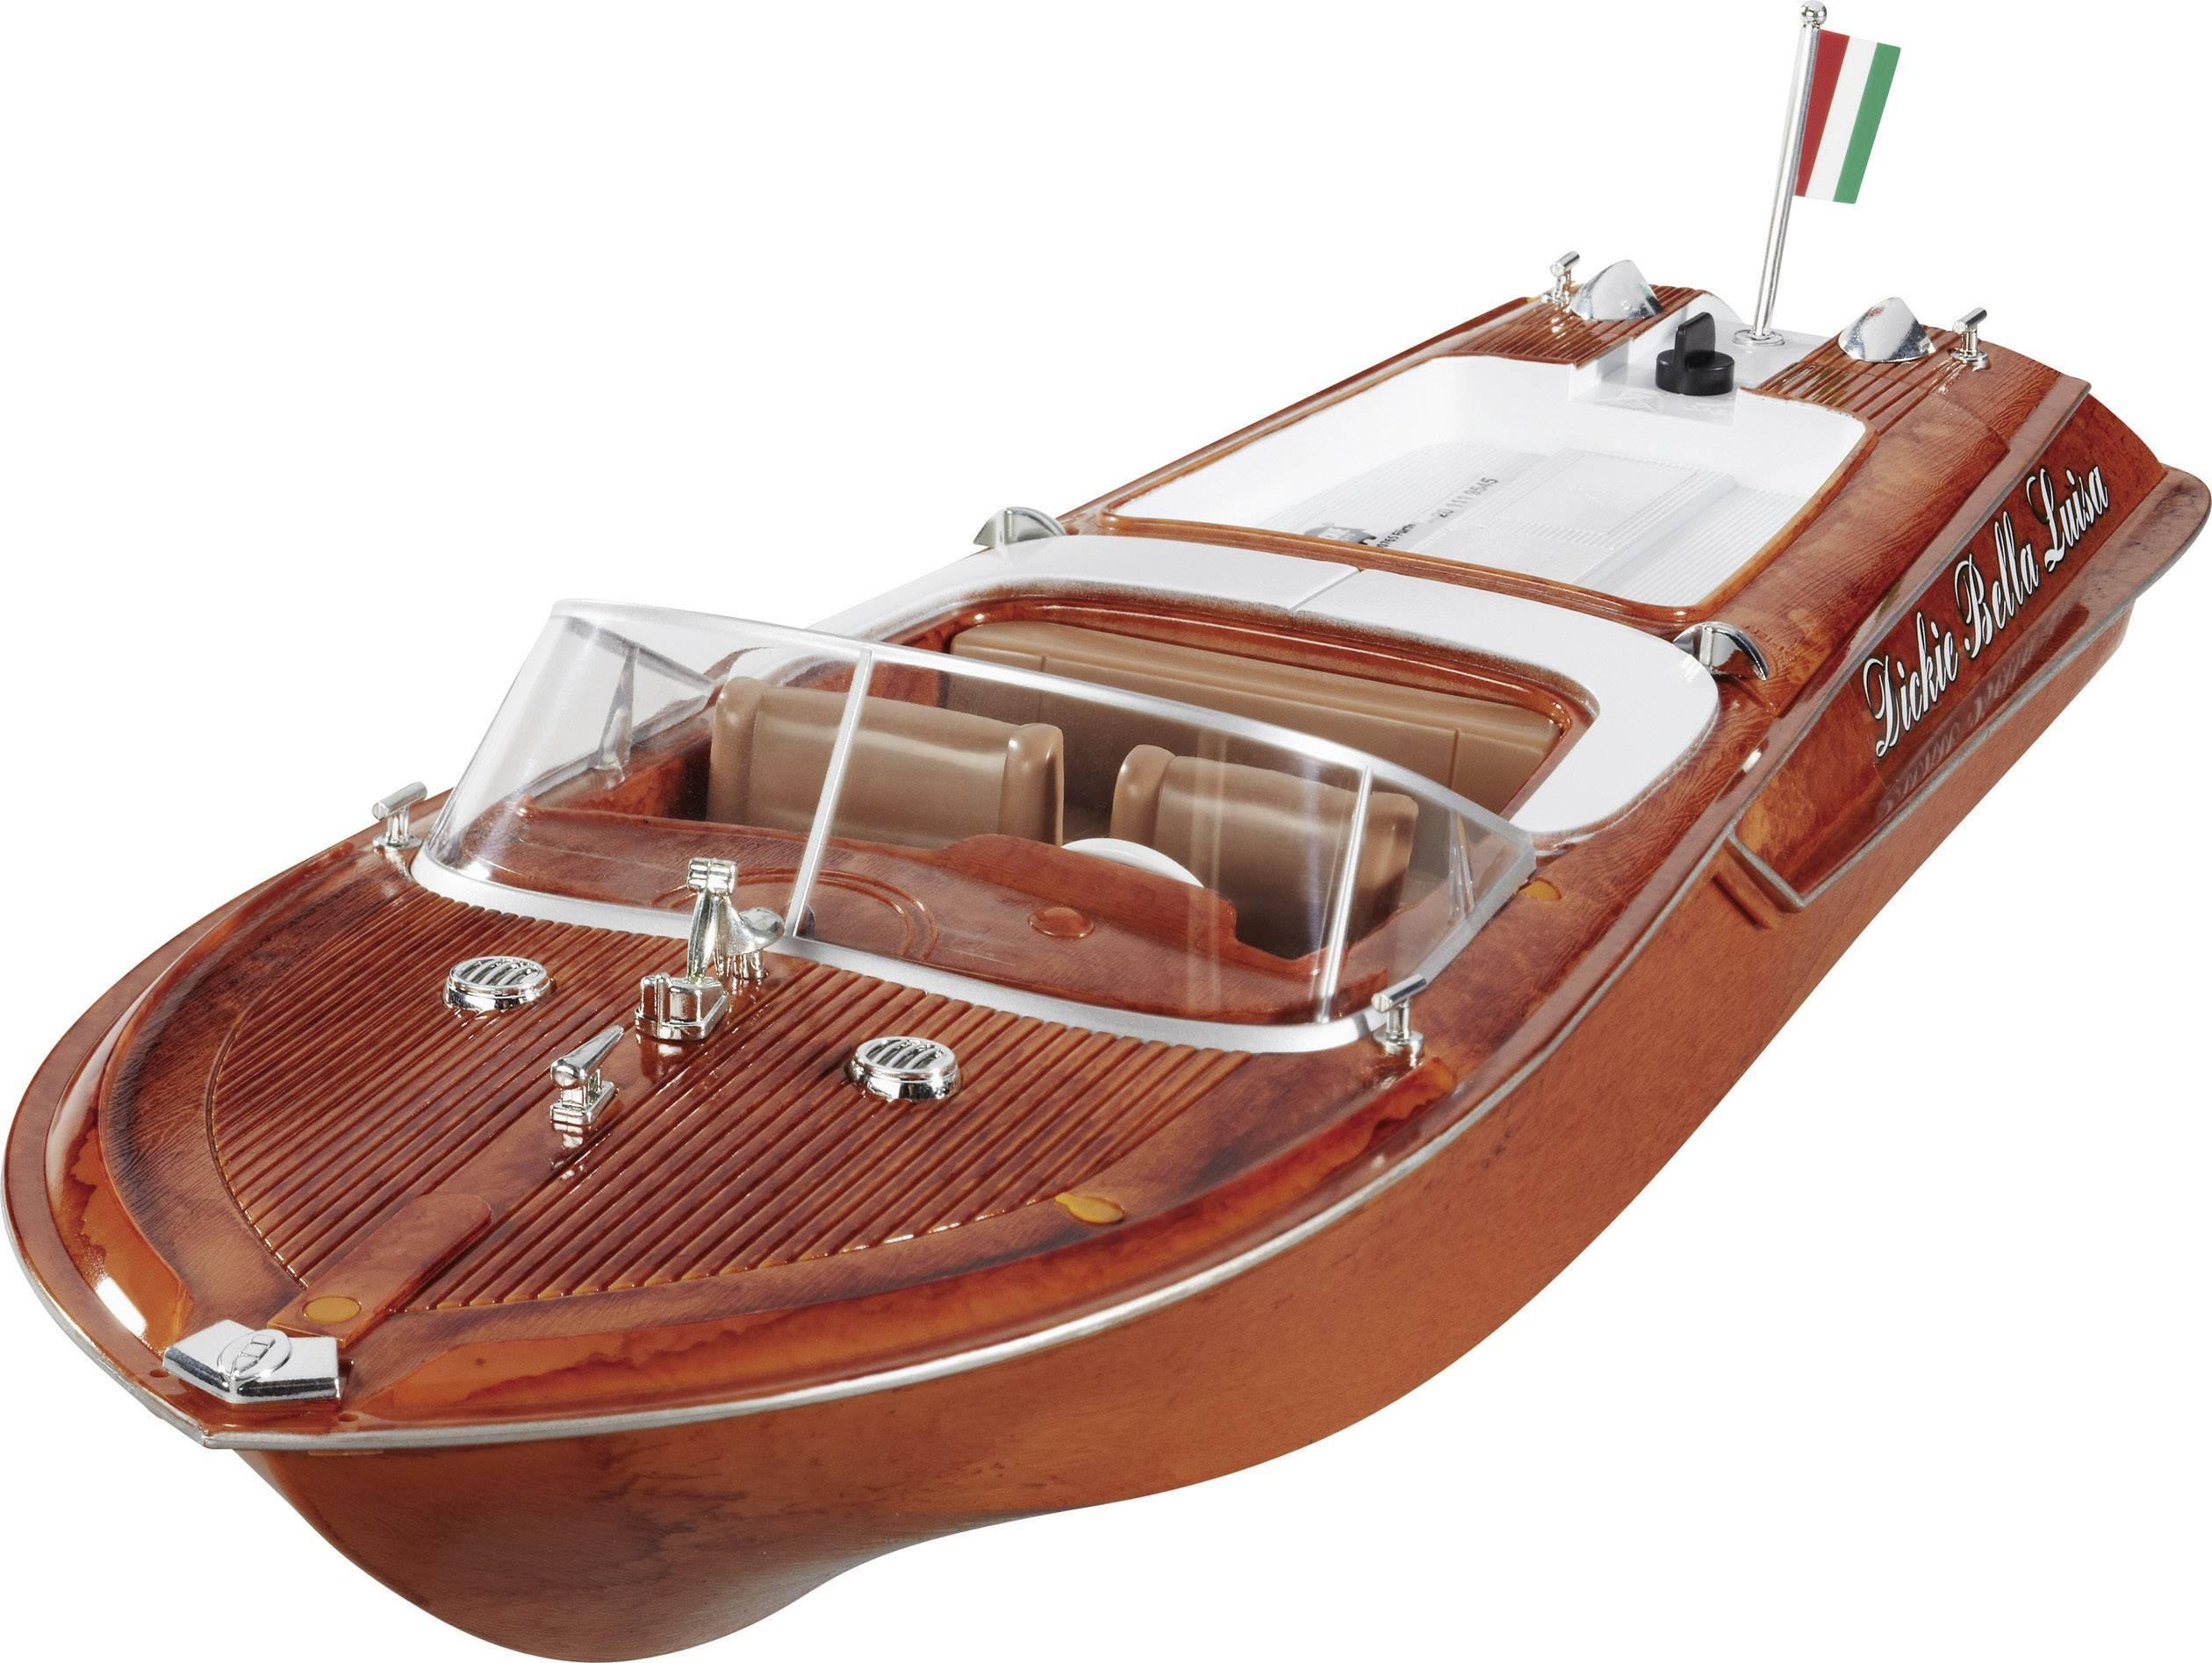 Modely lodí pre začiatočníkov